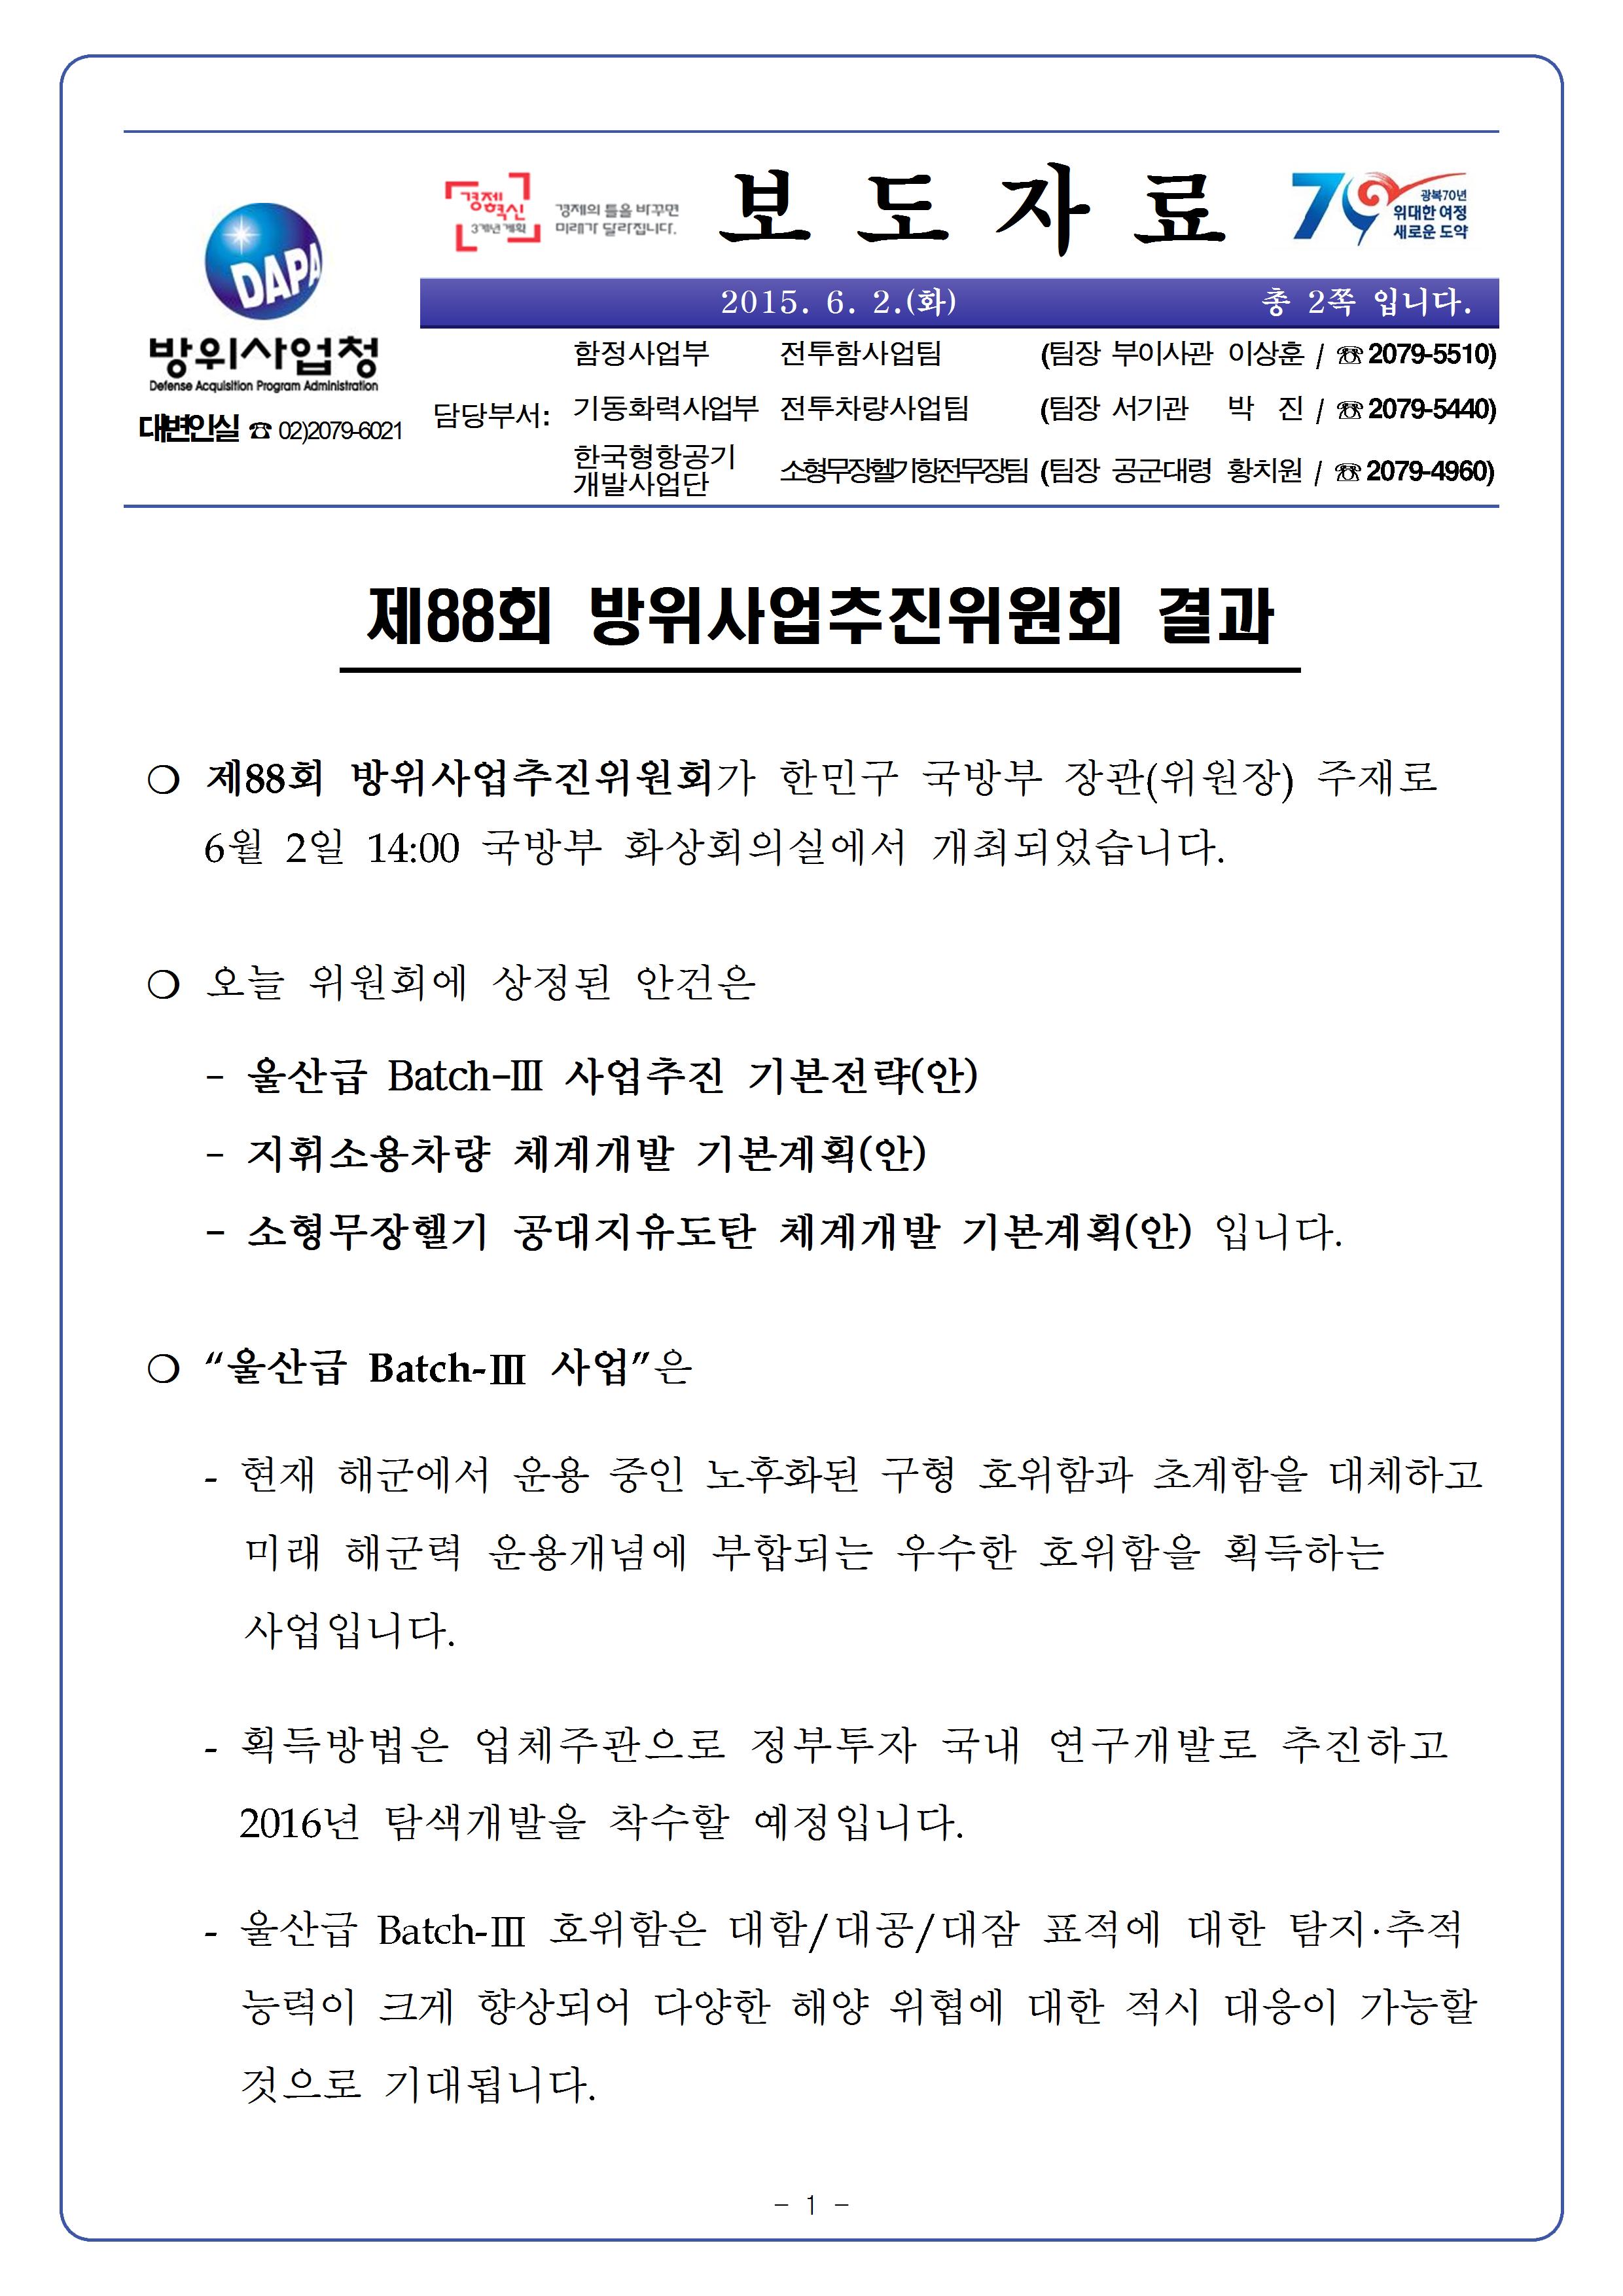 20150602-제88회 방위사업추진위원회 개최 결과001.png